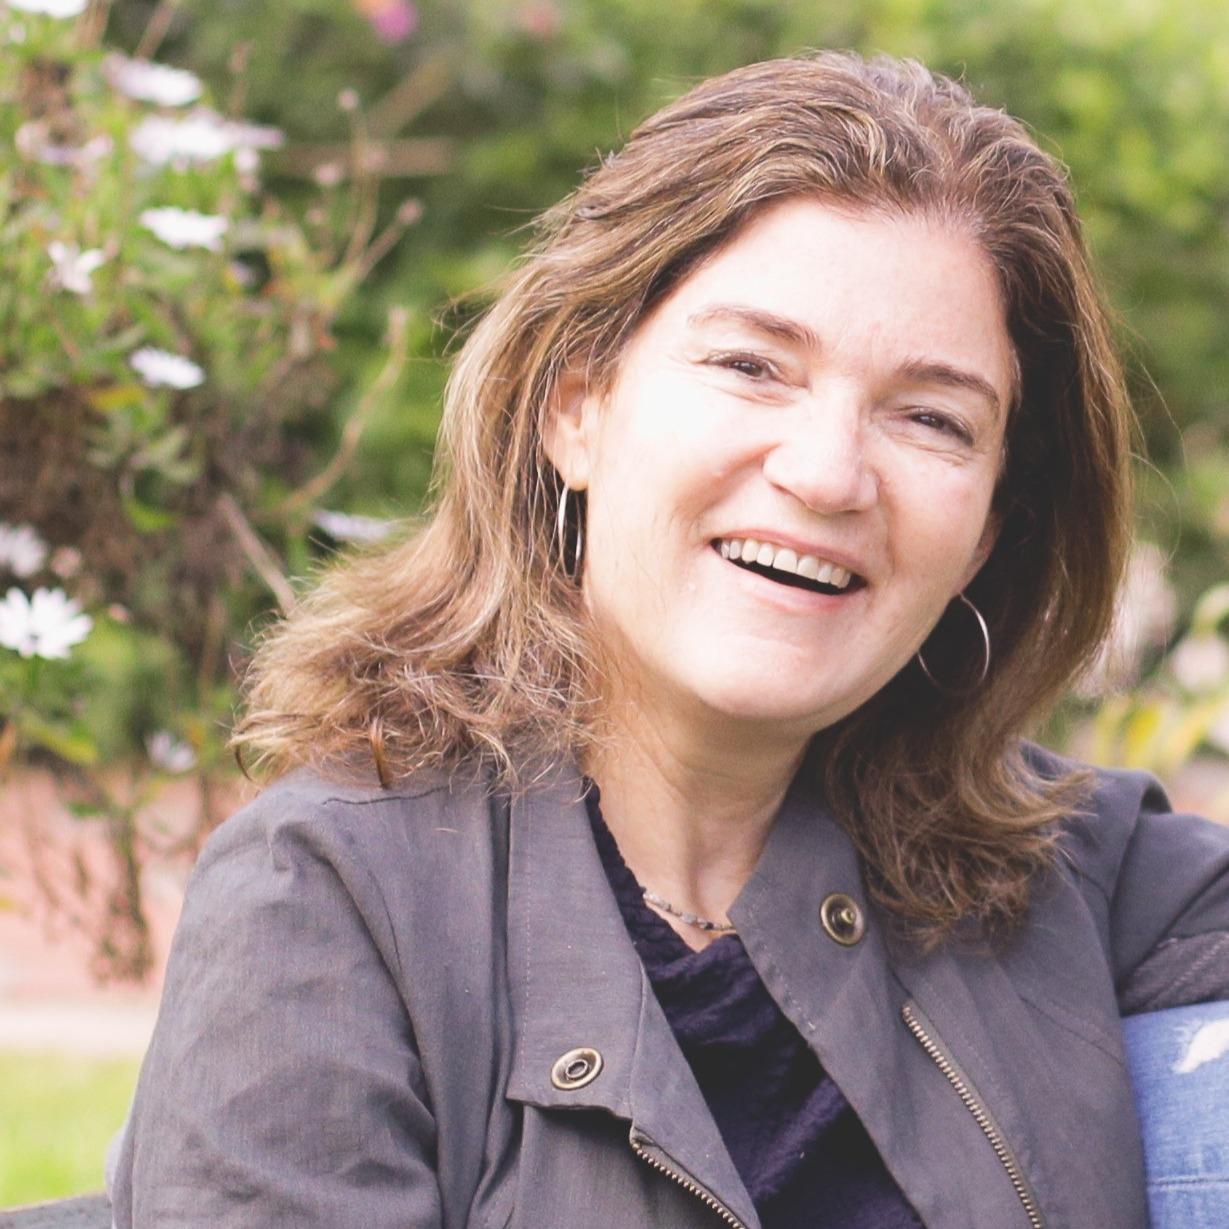 שרית ברגר - מייסדת העמותה